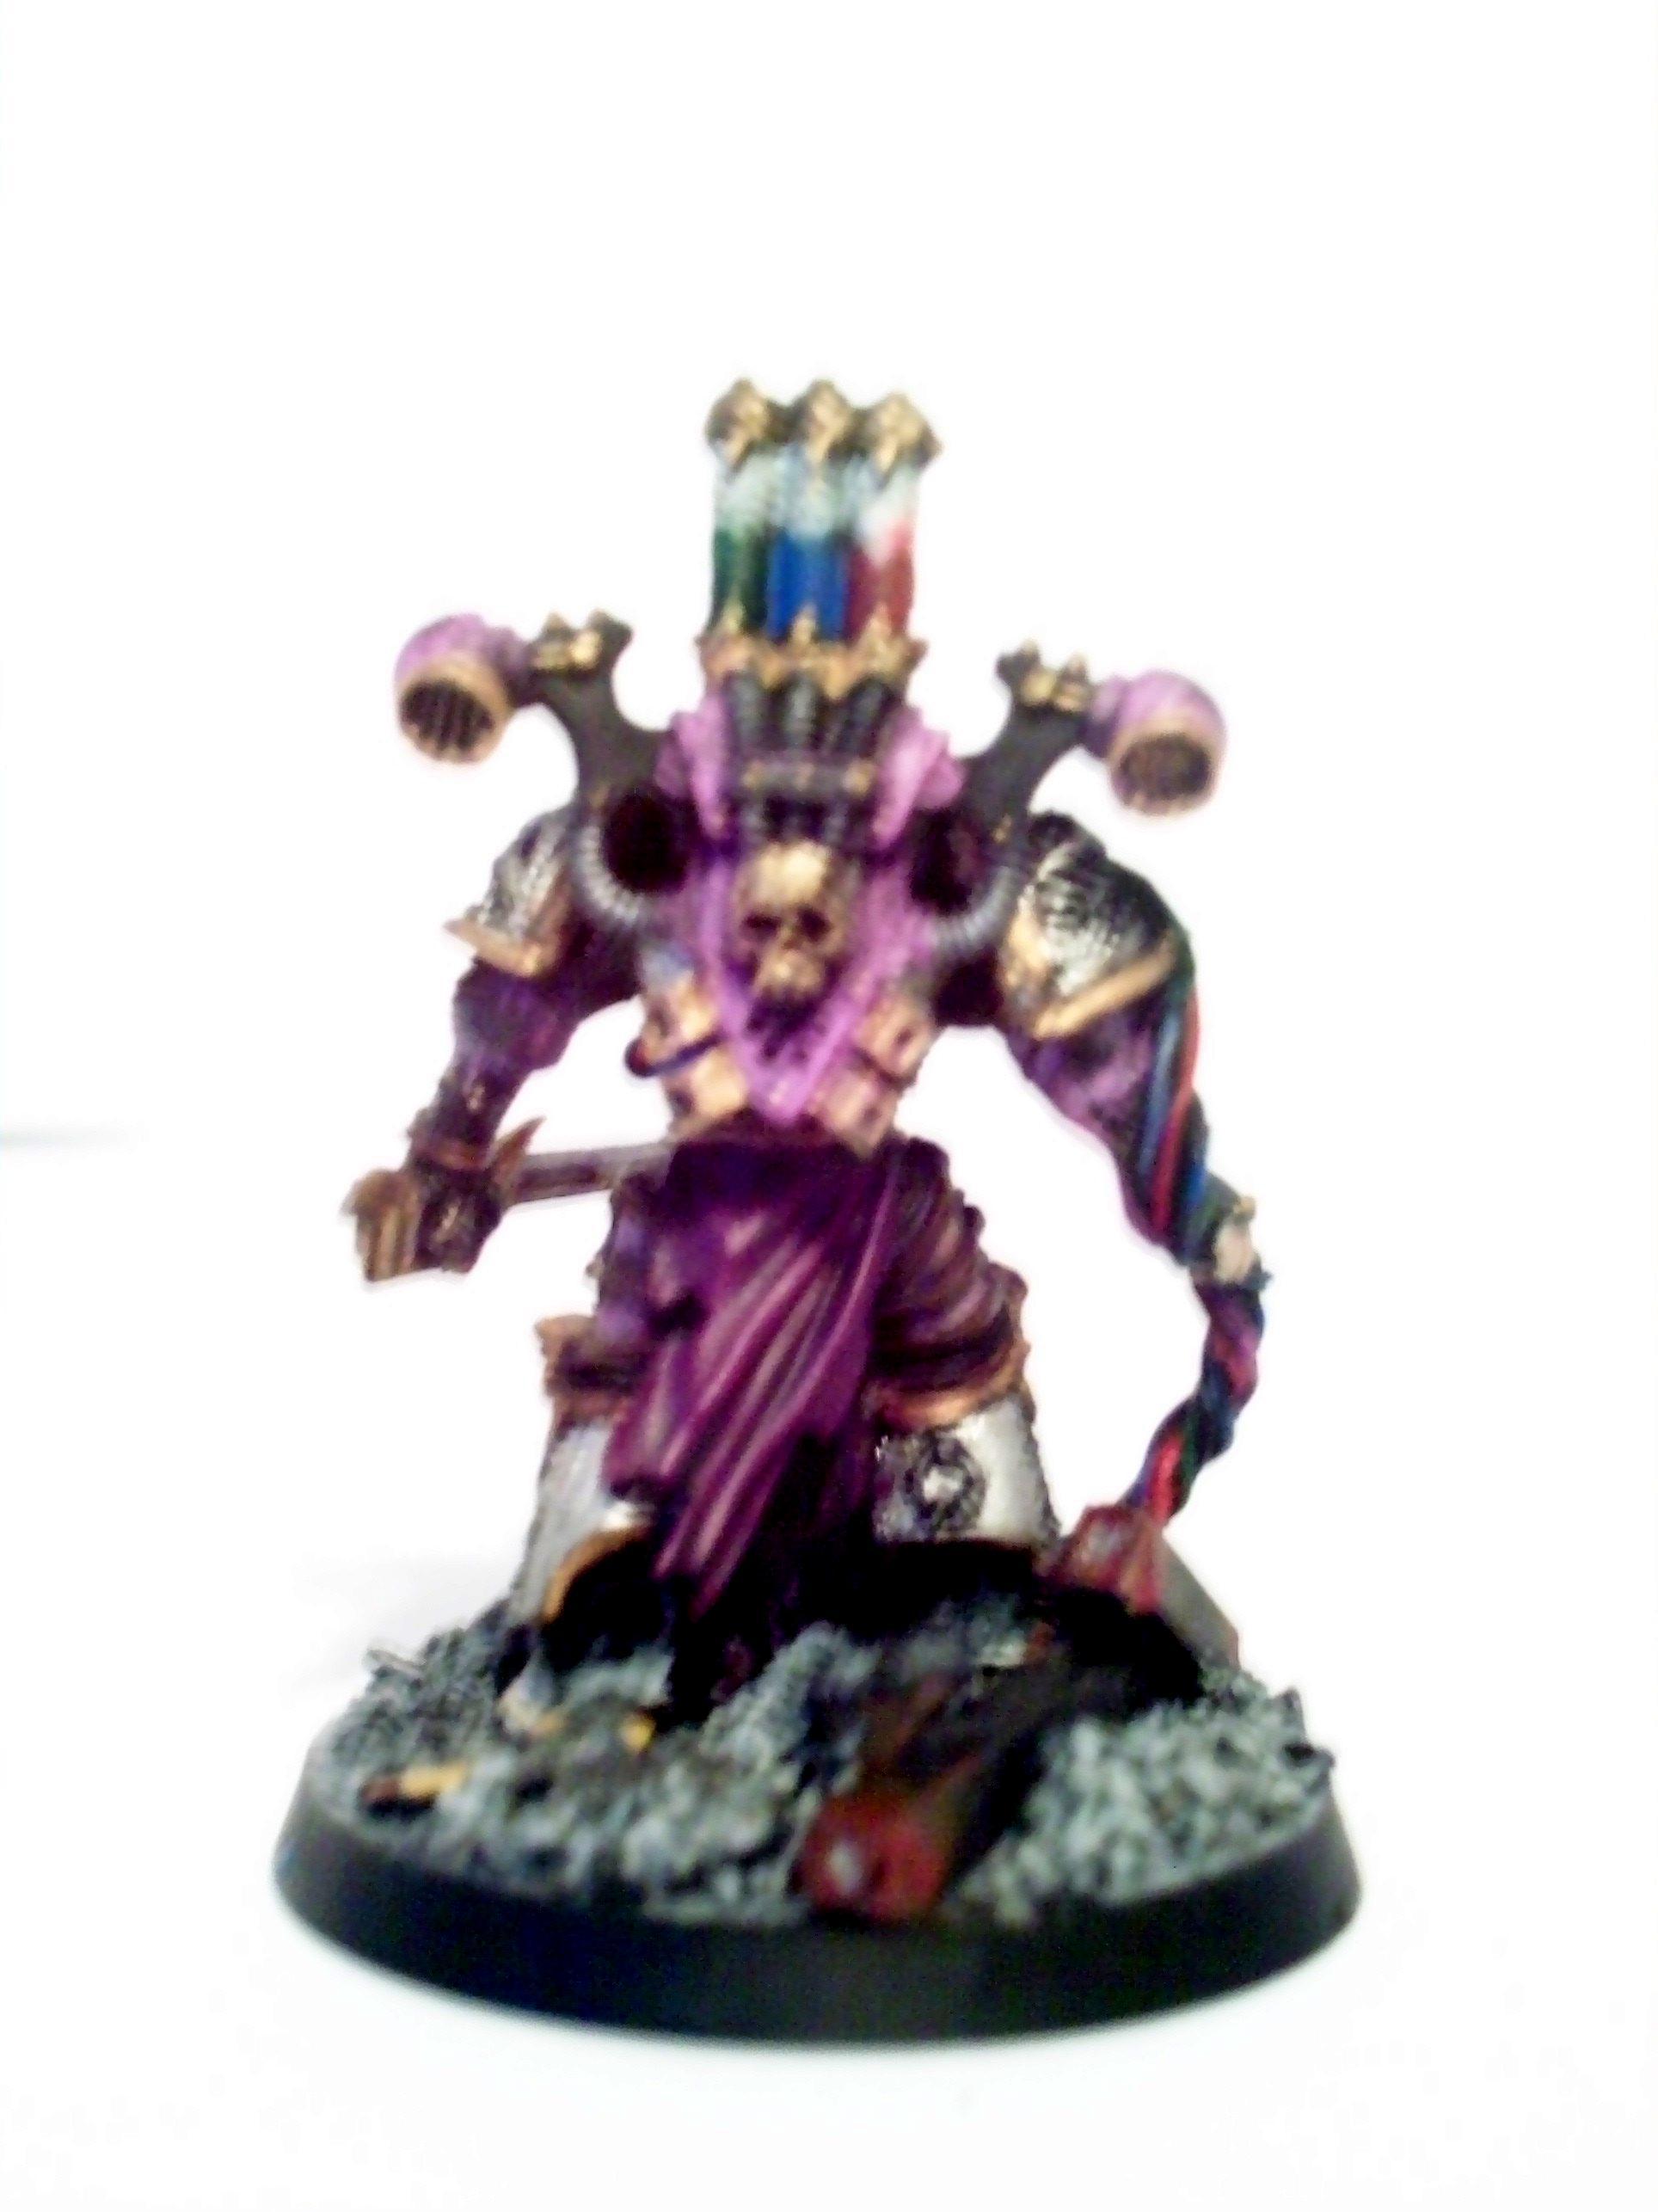 Ec, Emperor's Children, Lucius, Slaanesh